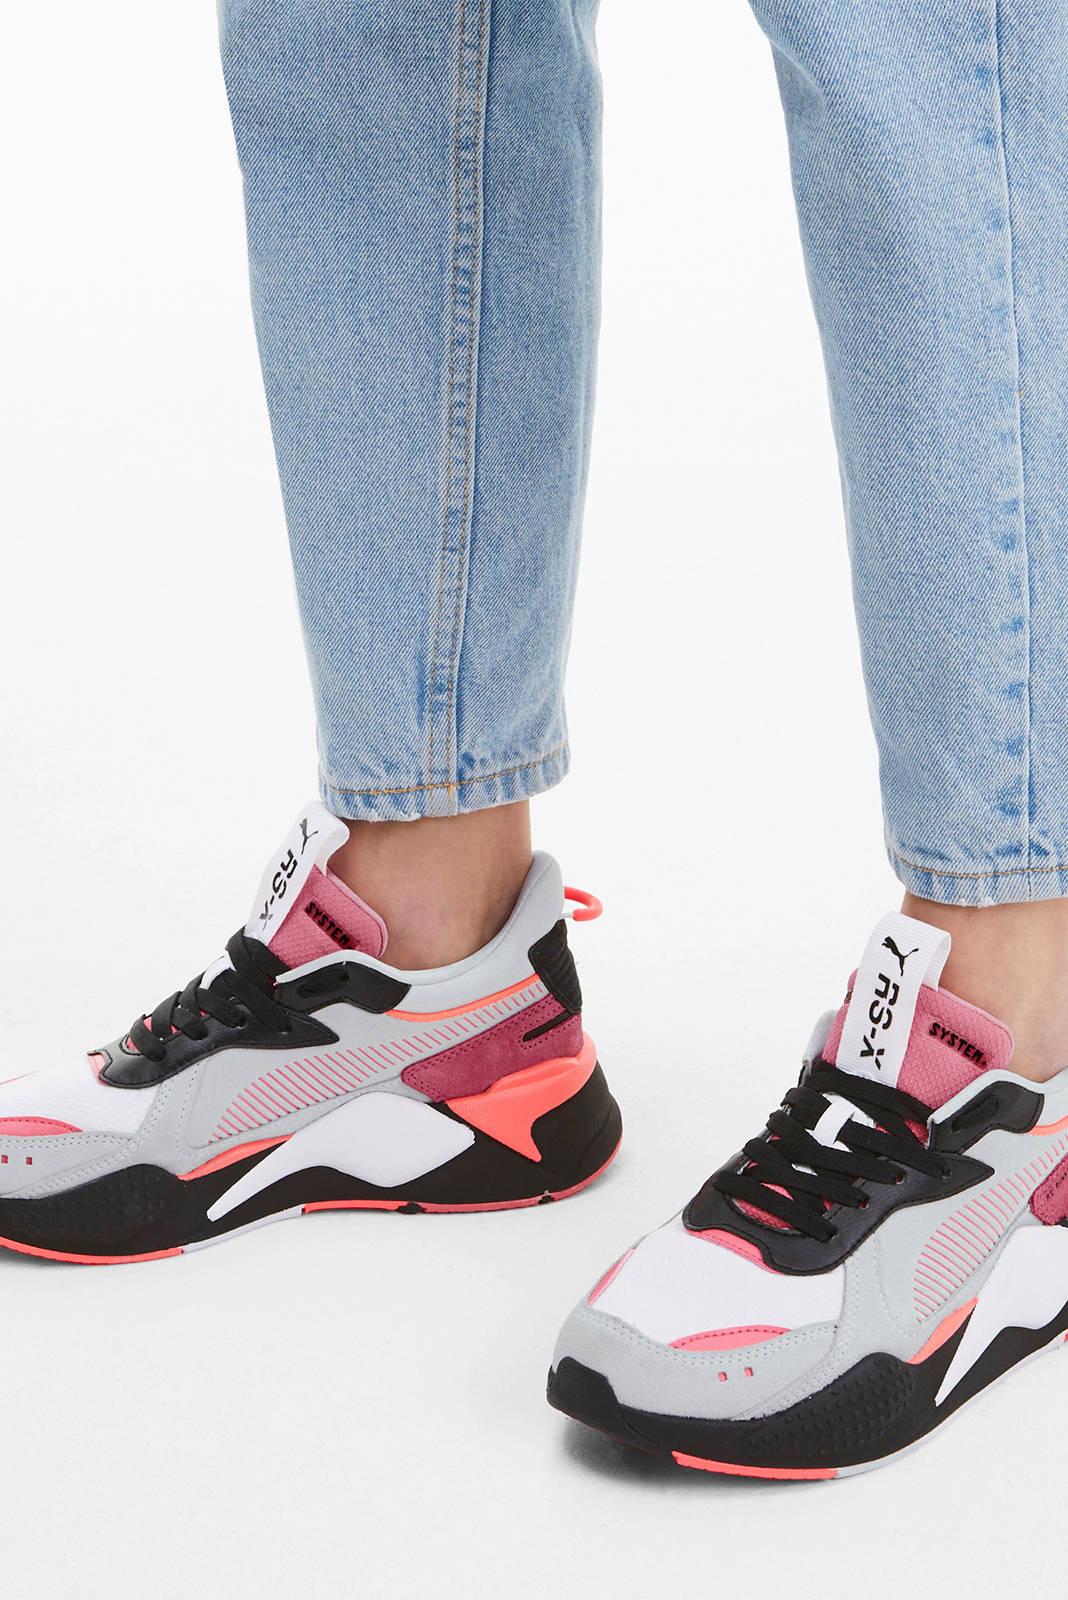 Puma RS-X Reinvent sneakers wit/roze/grijs   wehkamp